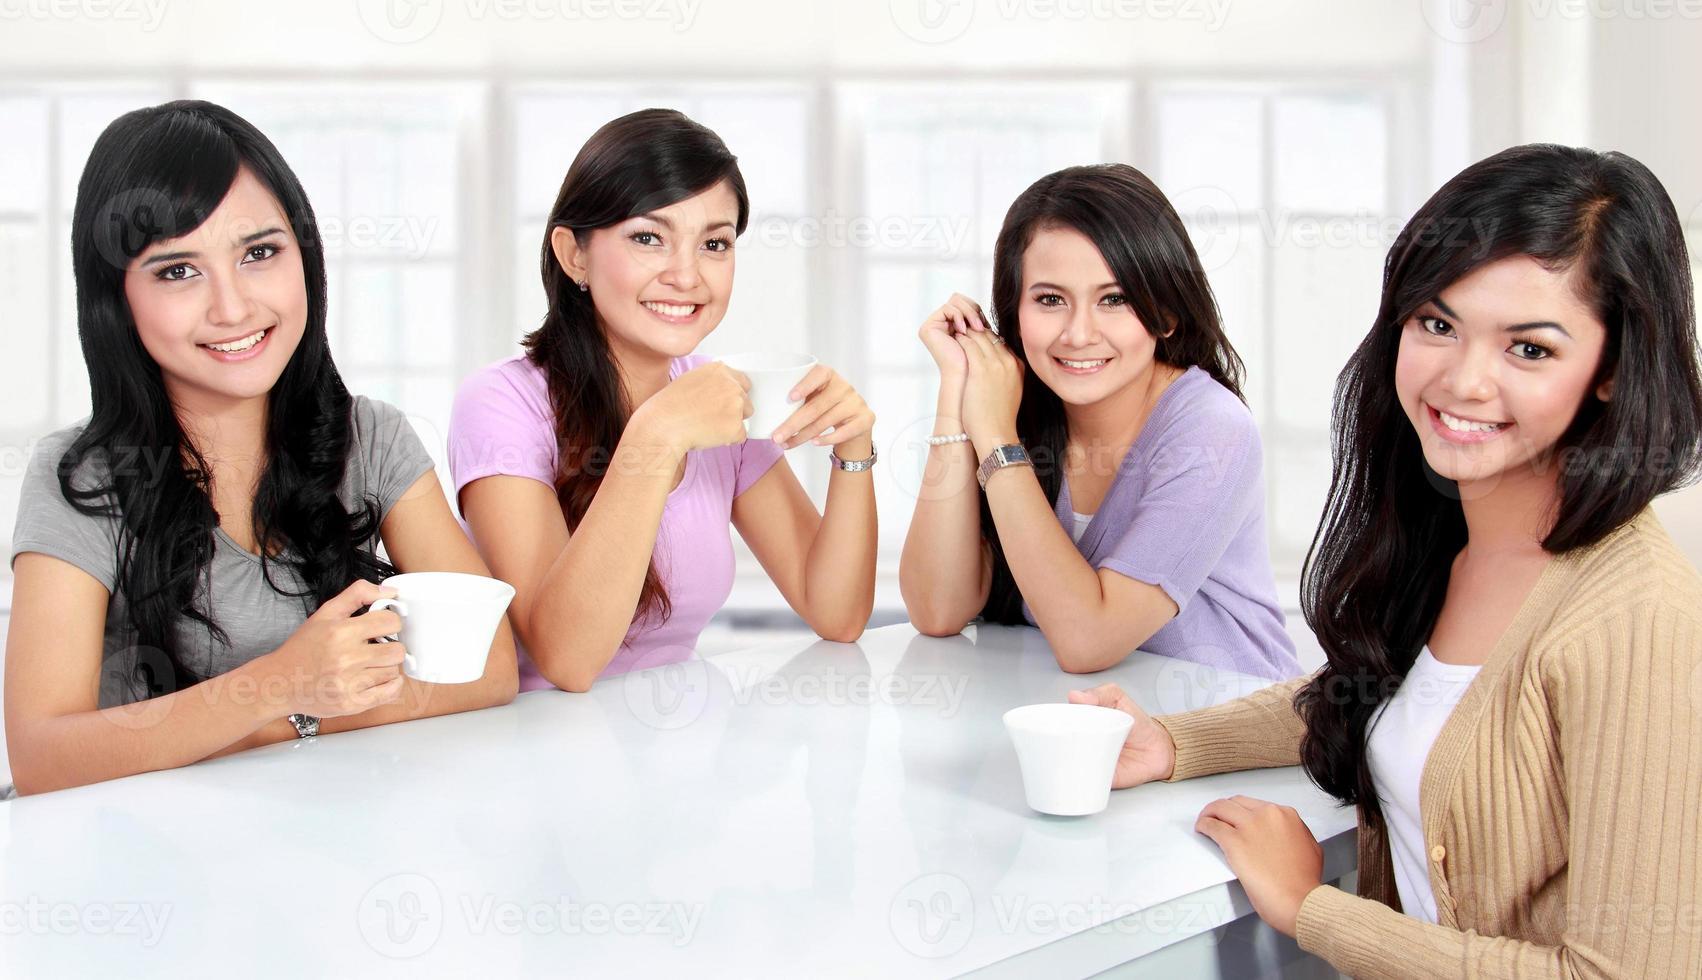 grupp kvinnor som har kvalitetstid tillsammans foto